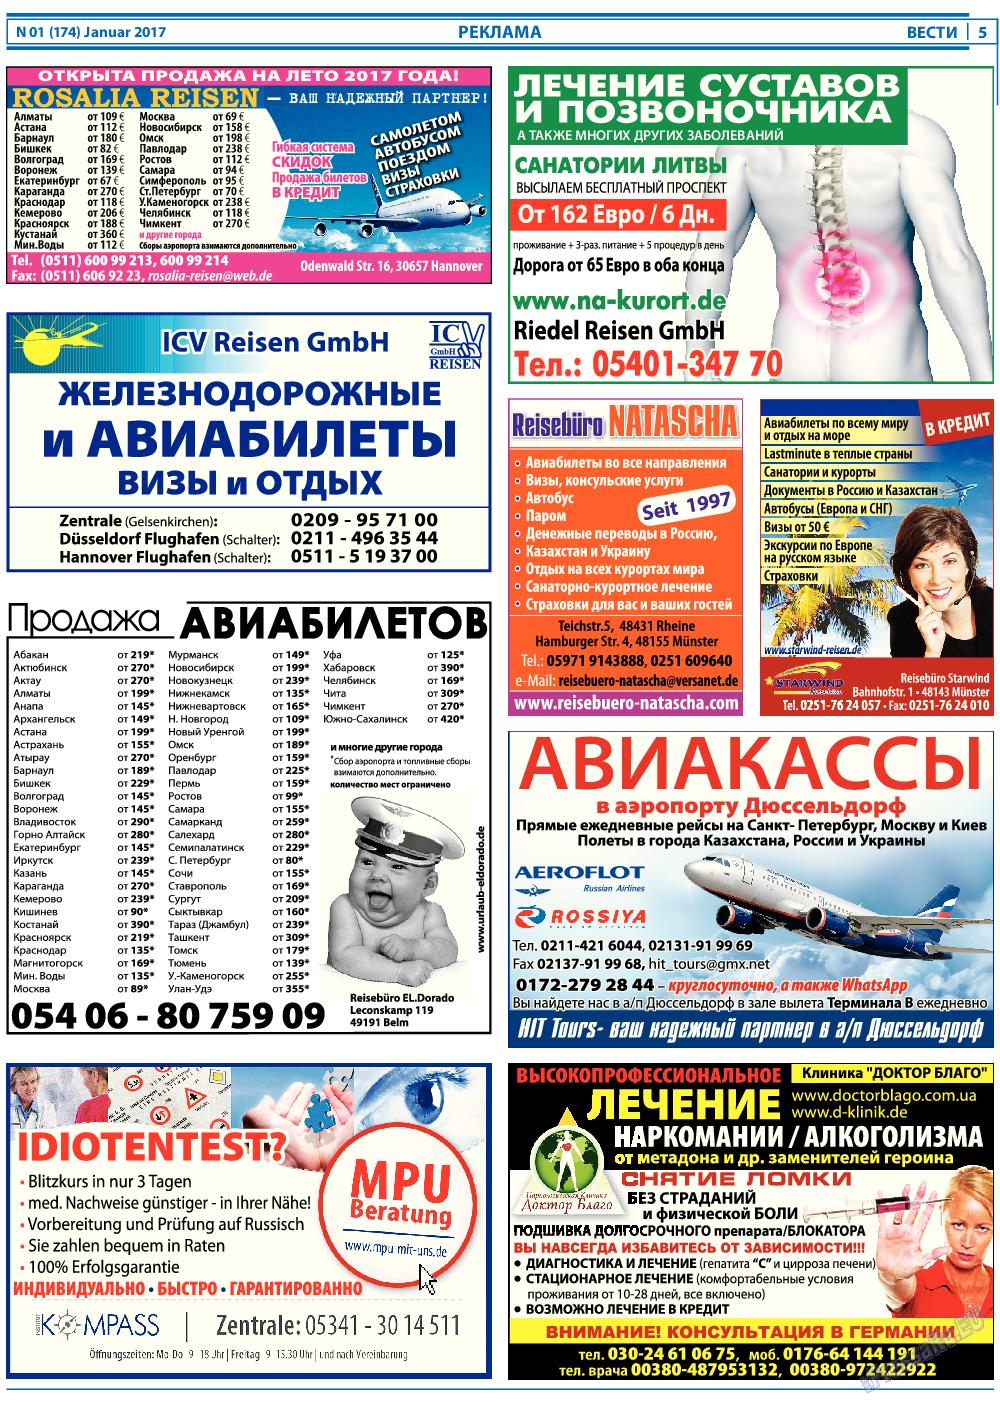 Разместить рекламу бесплатно реклама сайта контекстная реклама на яндекс - директе